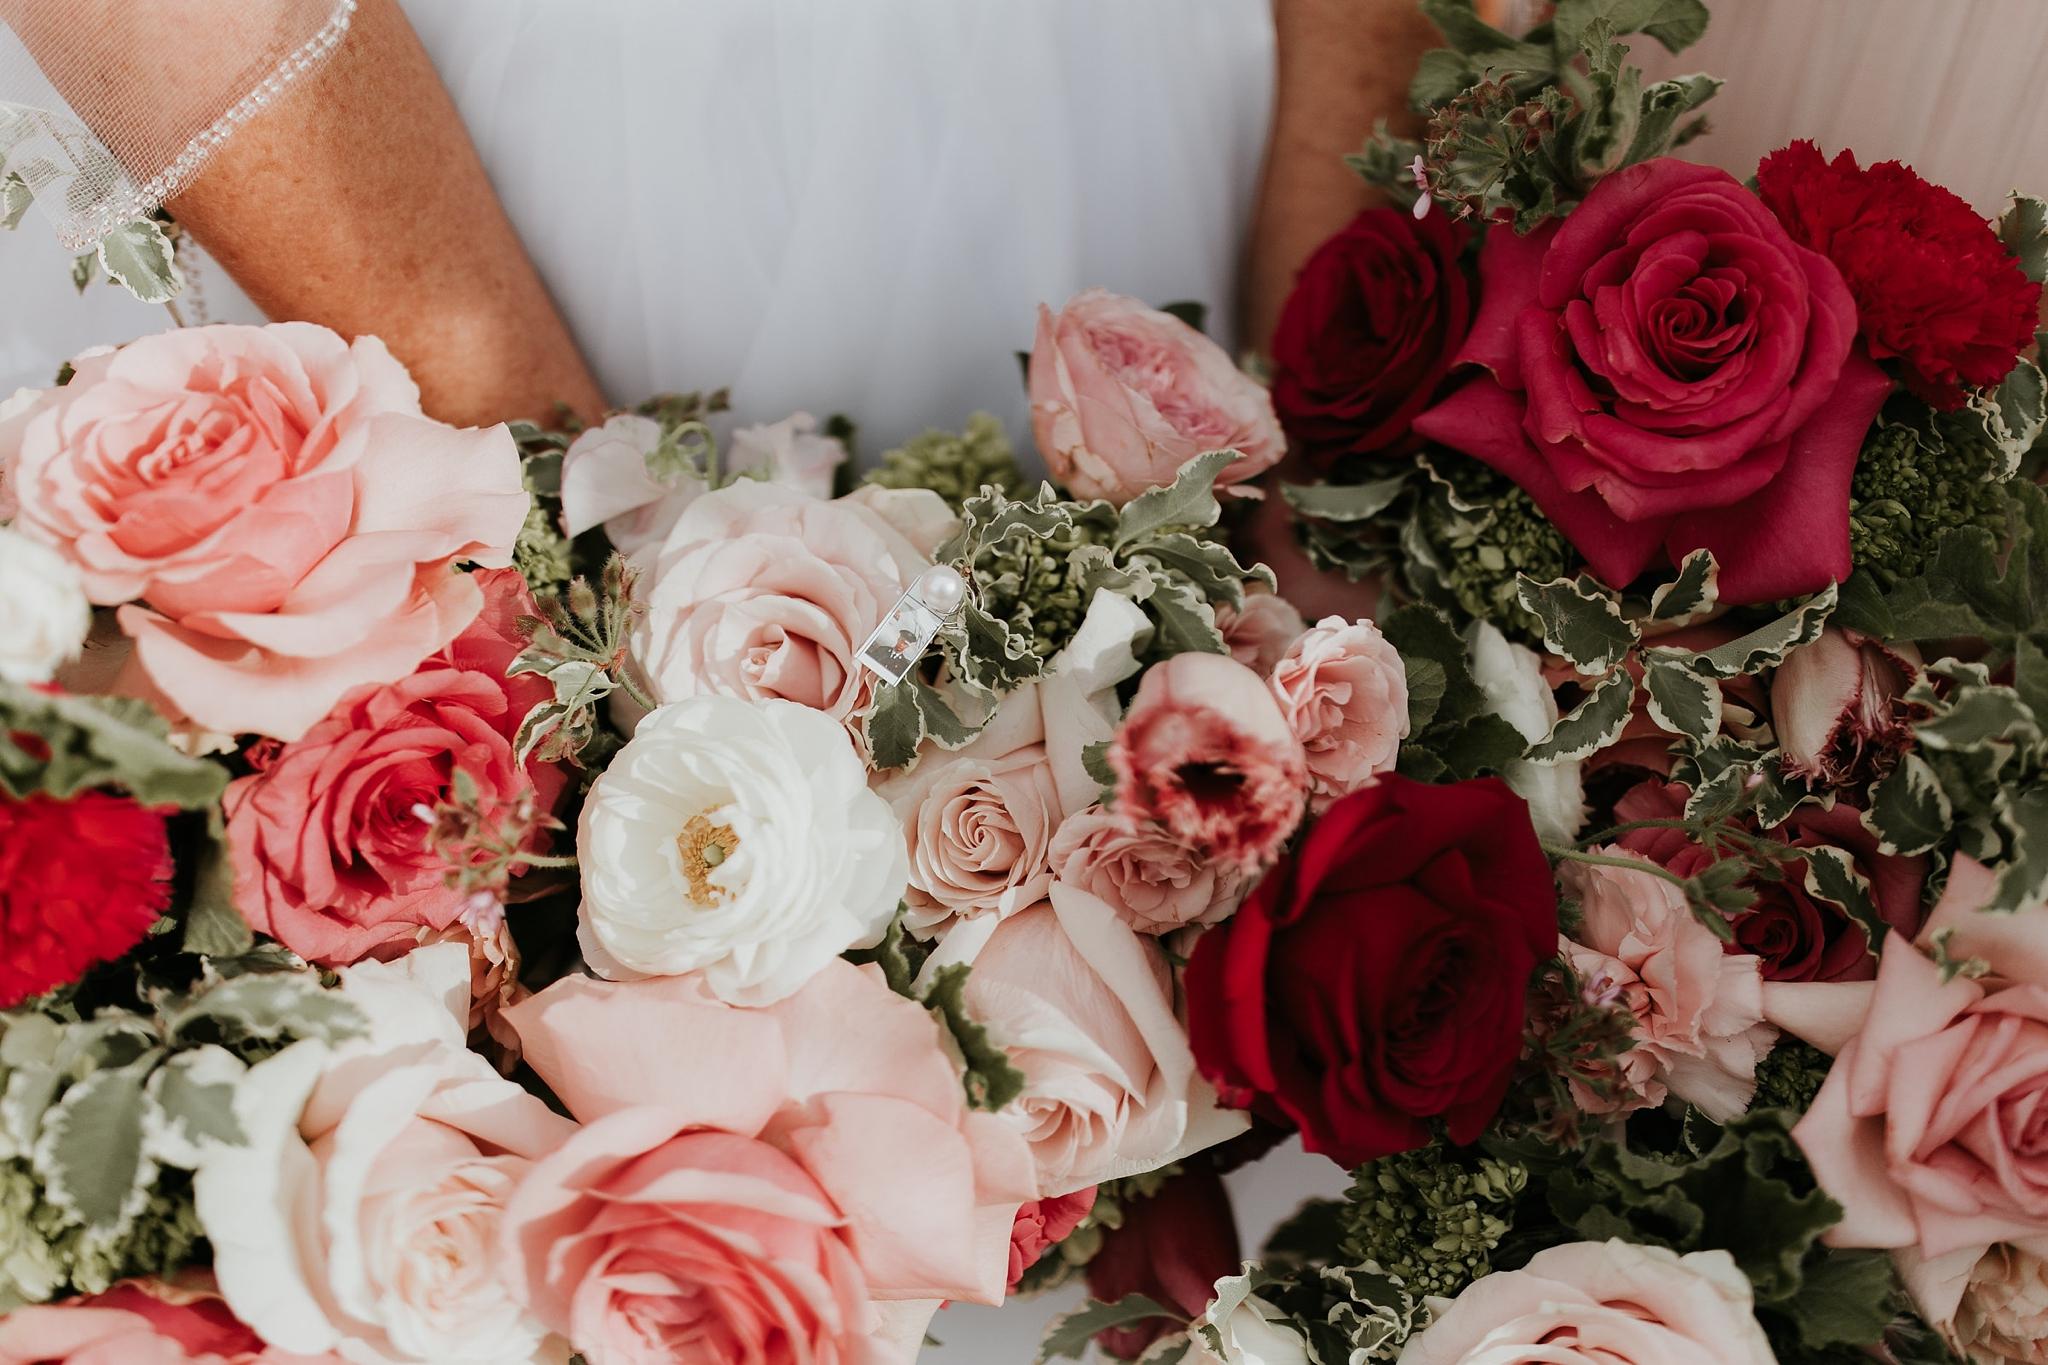 Alicia+lucia+photography+-+albuquerque+wedding+photographer+-+santa+fe+wedding+photography+-+new+mexico+wedding+photographer+-+new+mexico+florist+-+wedding+florist+-+renegade+floral_0054.jpg